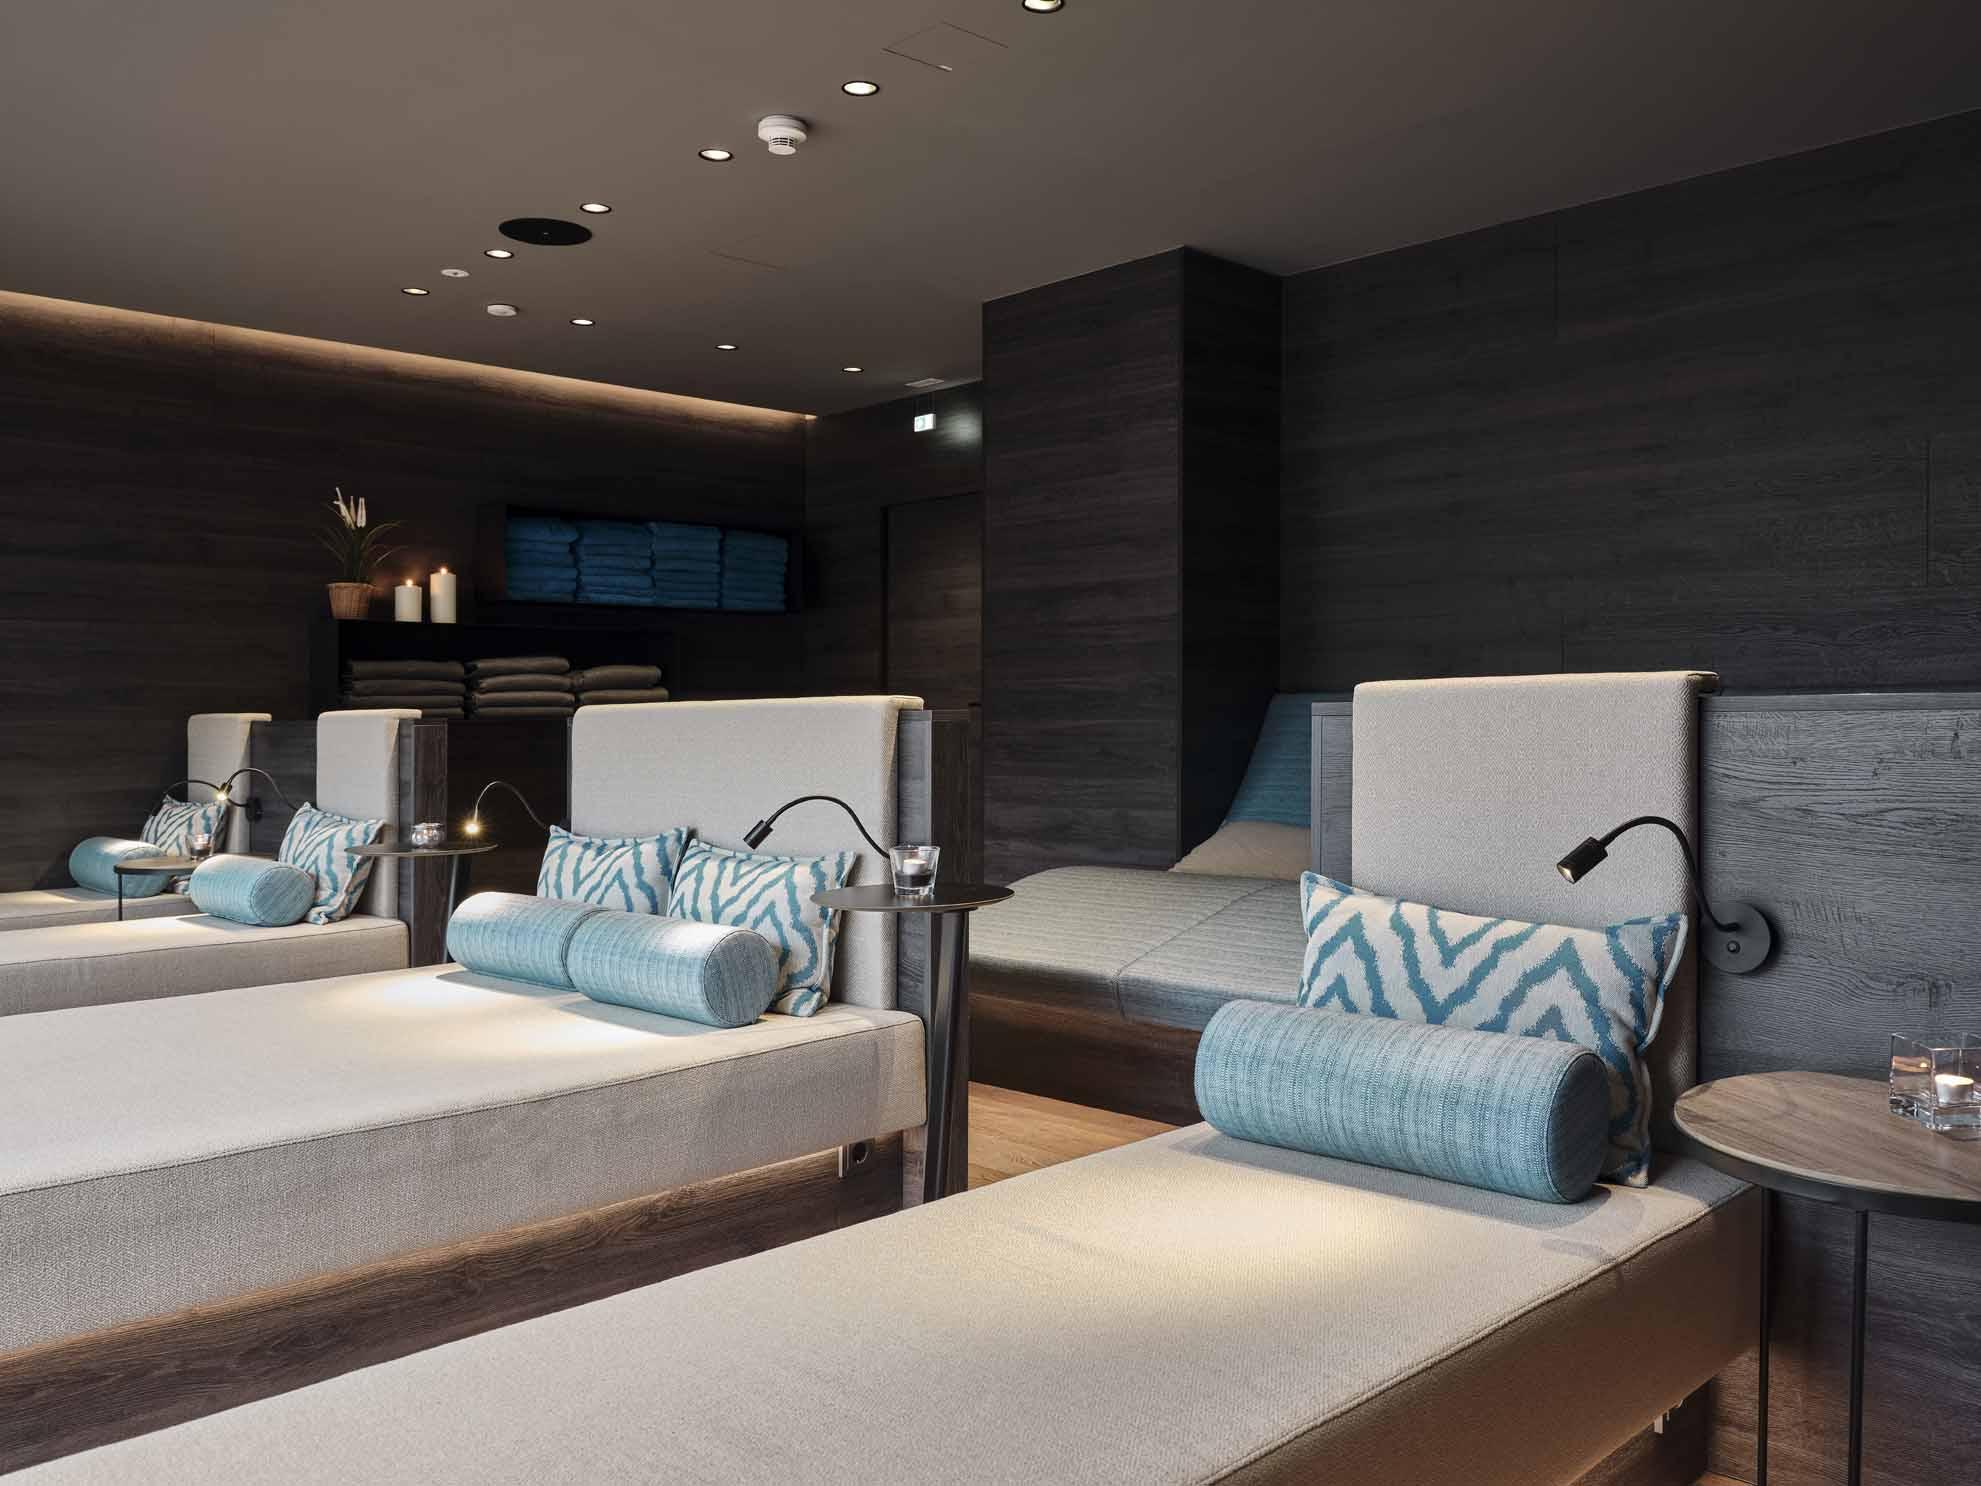 Die Liegebetten im Hasenauer-Ruheraum mit grauen und blauen Auflagen